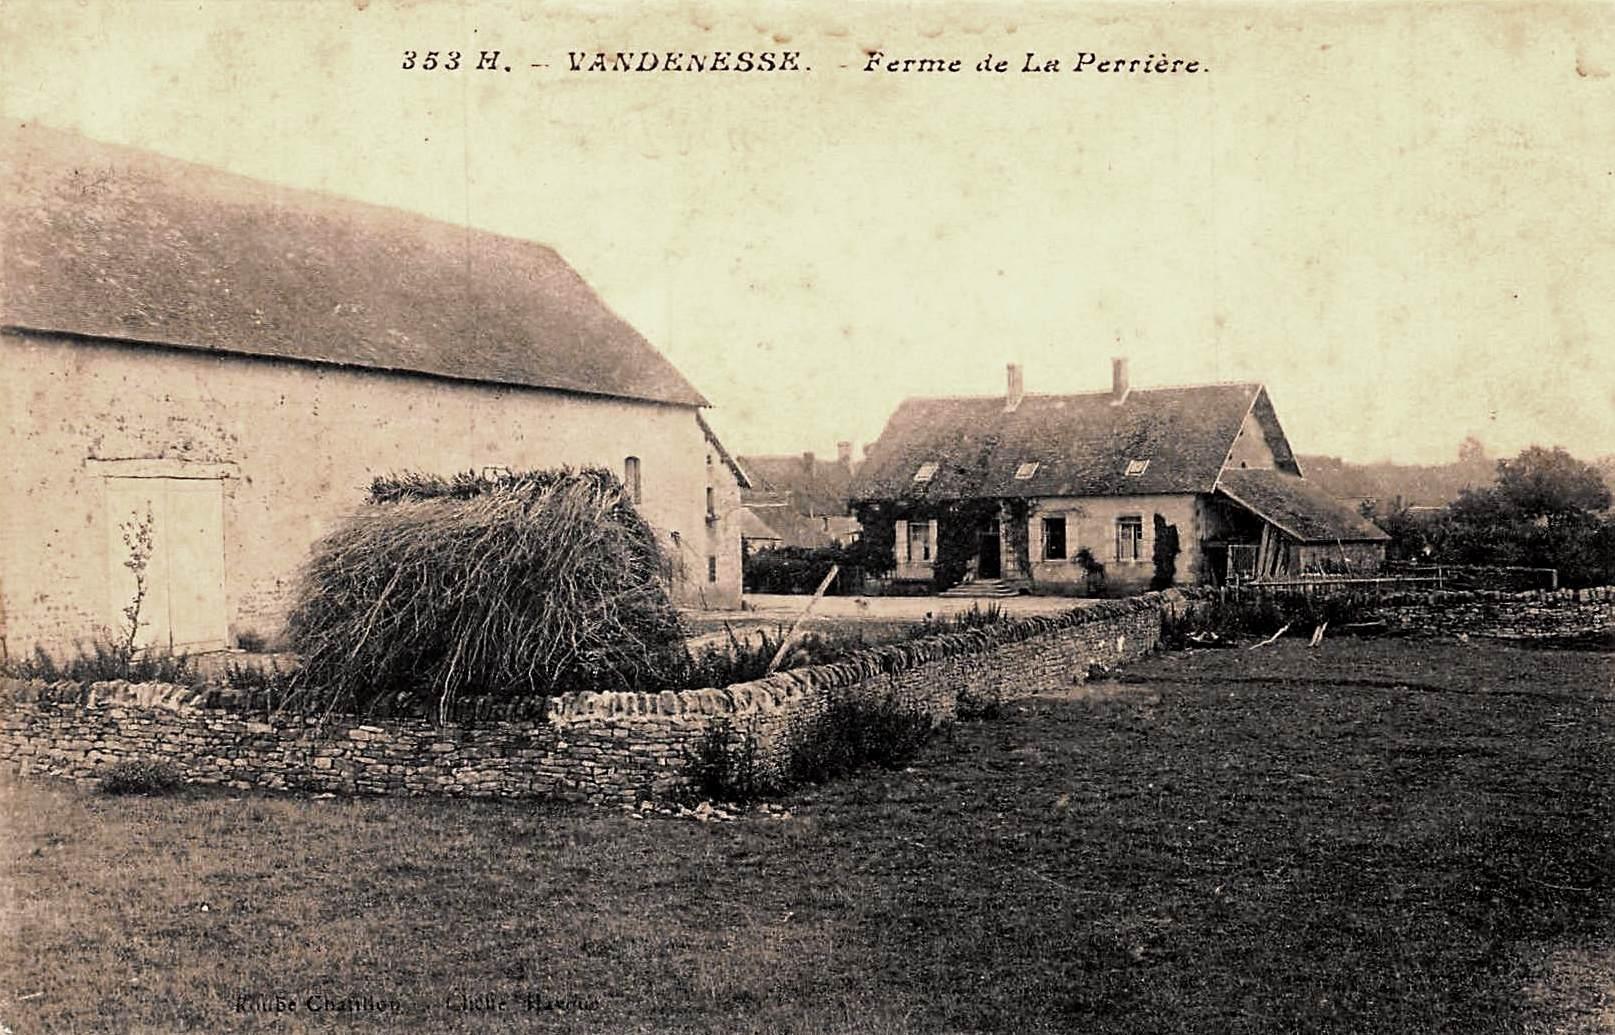 Vandenesse (Nièvre) La ferme de La Perrière CPA